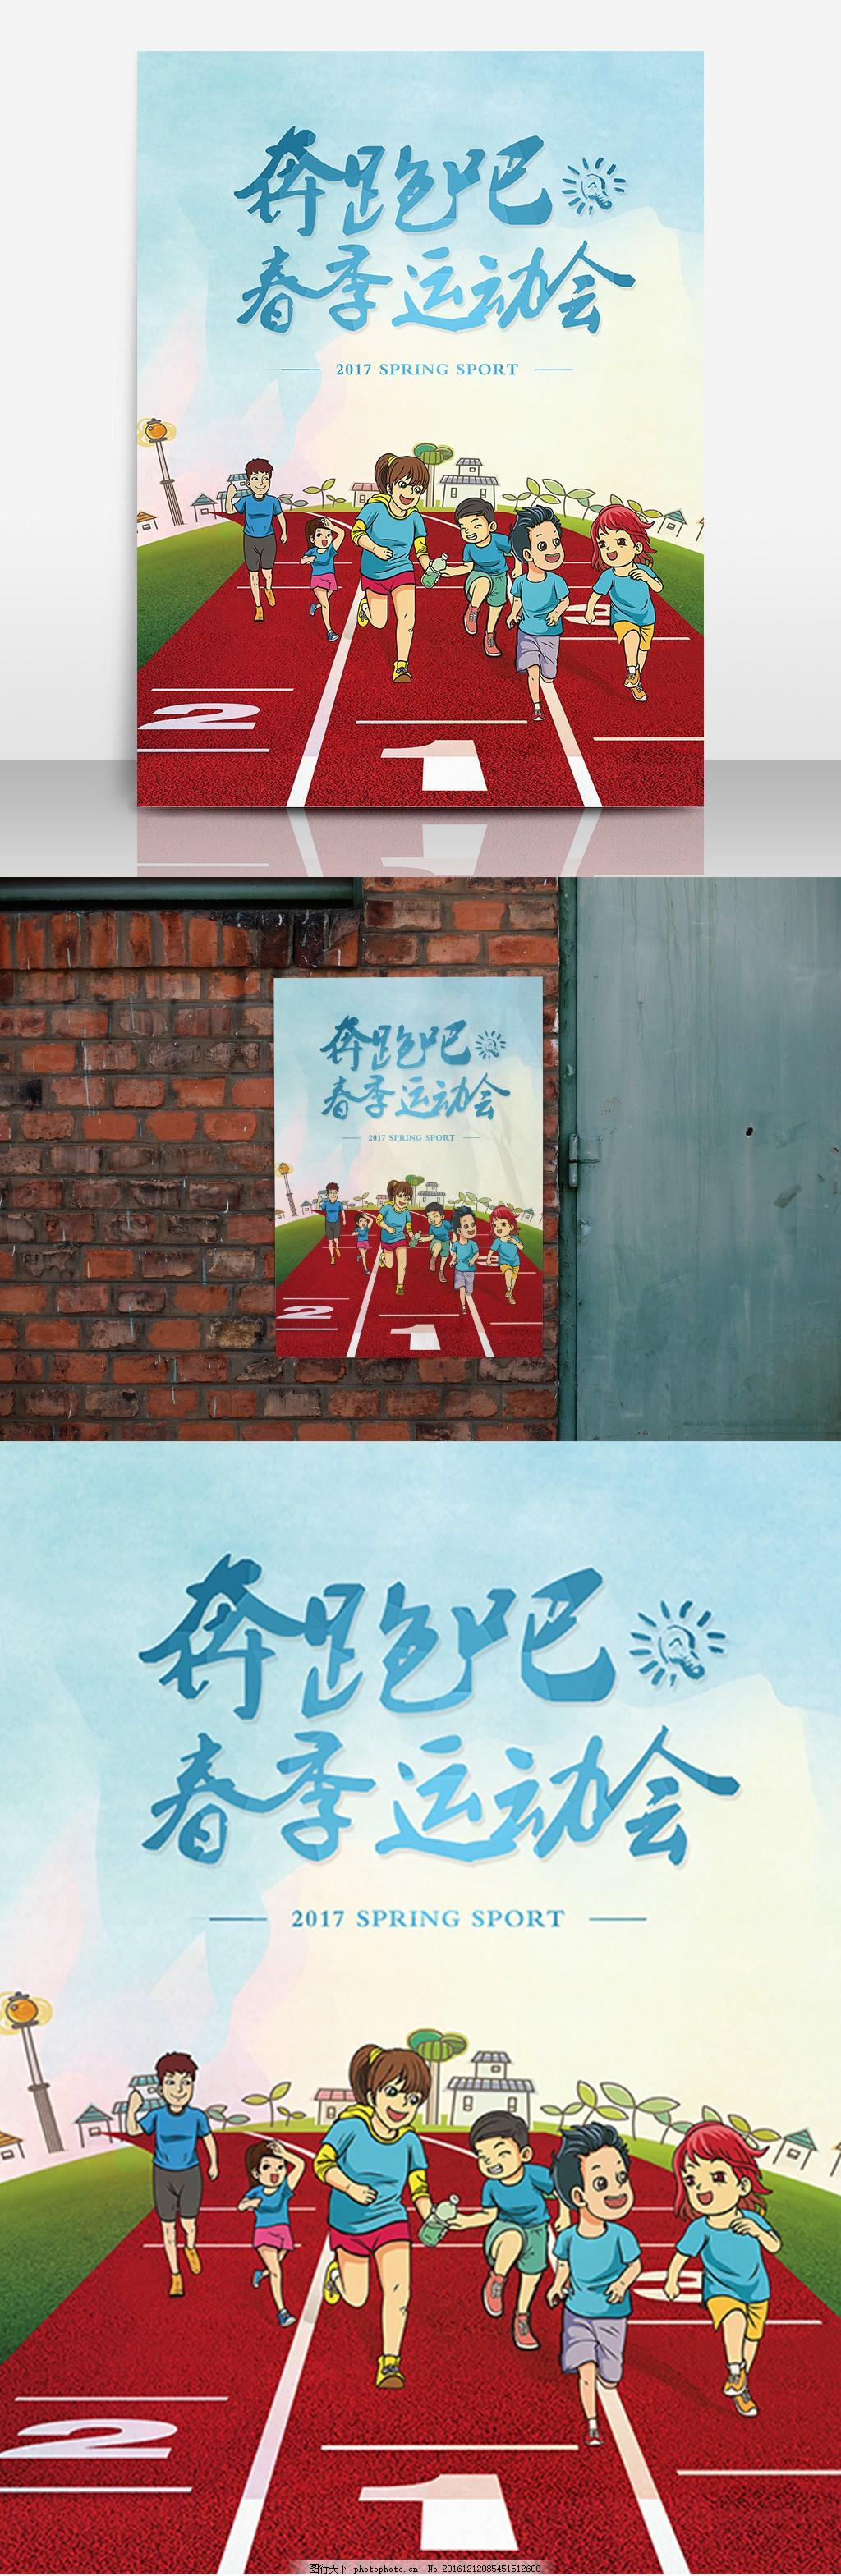 奔跑吧春季运动会海报高清psd 手绘 素描 简约 时尚 跑步